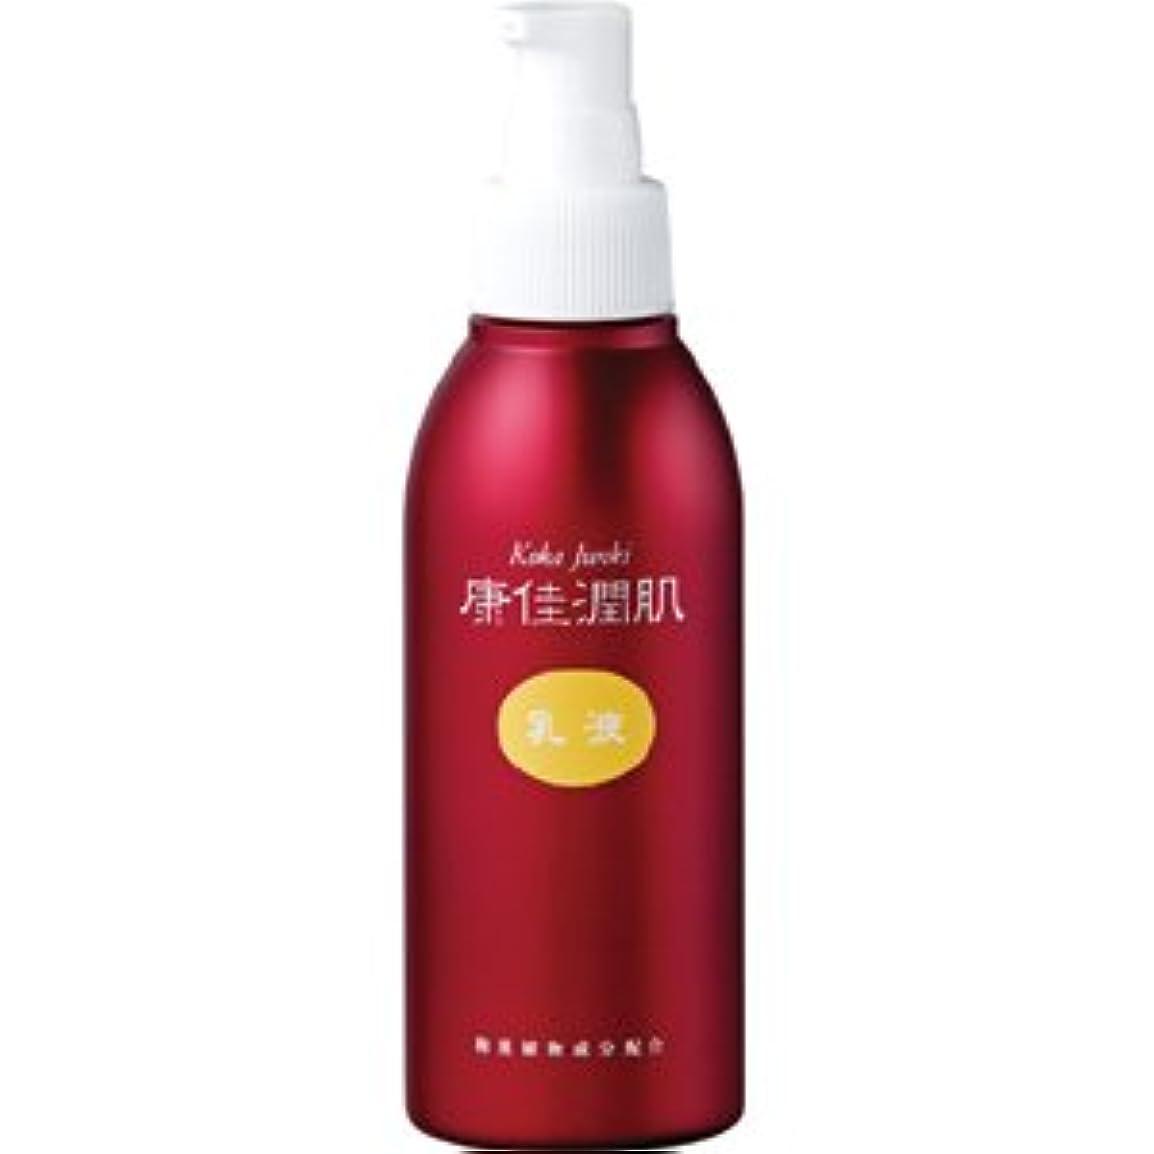 チャネル補充また明日ね『康佳潤肌(こうかじゅんき)乳液150ml』敏感肌の方のために!医師が開発した保湿と清浄に優れた乳液。